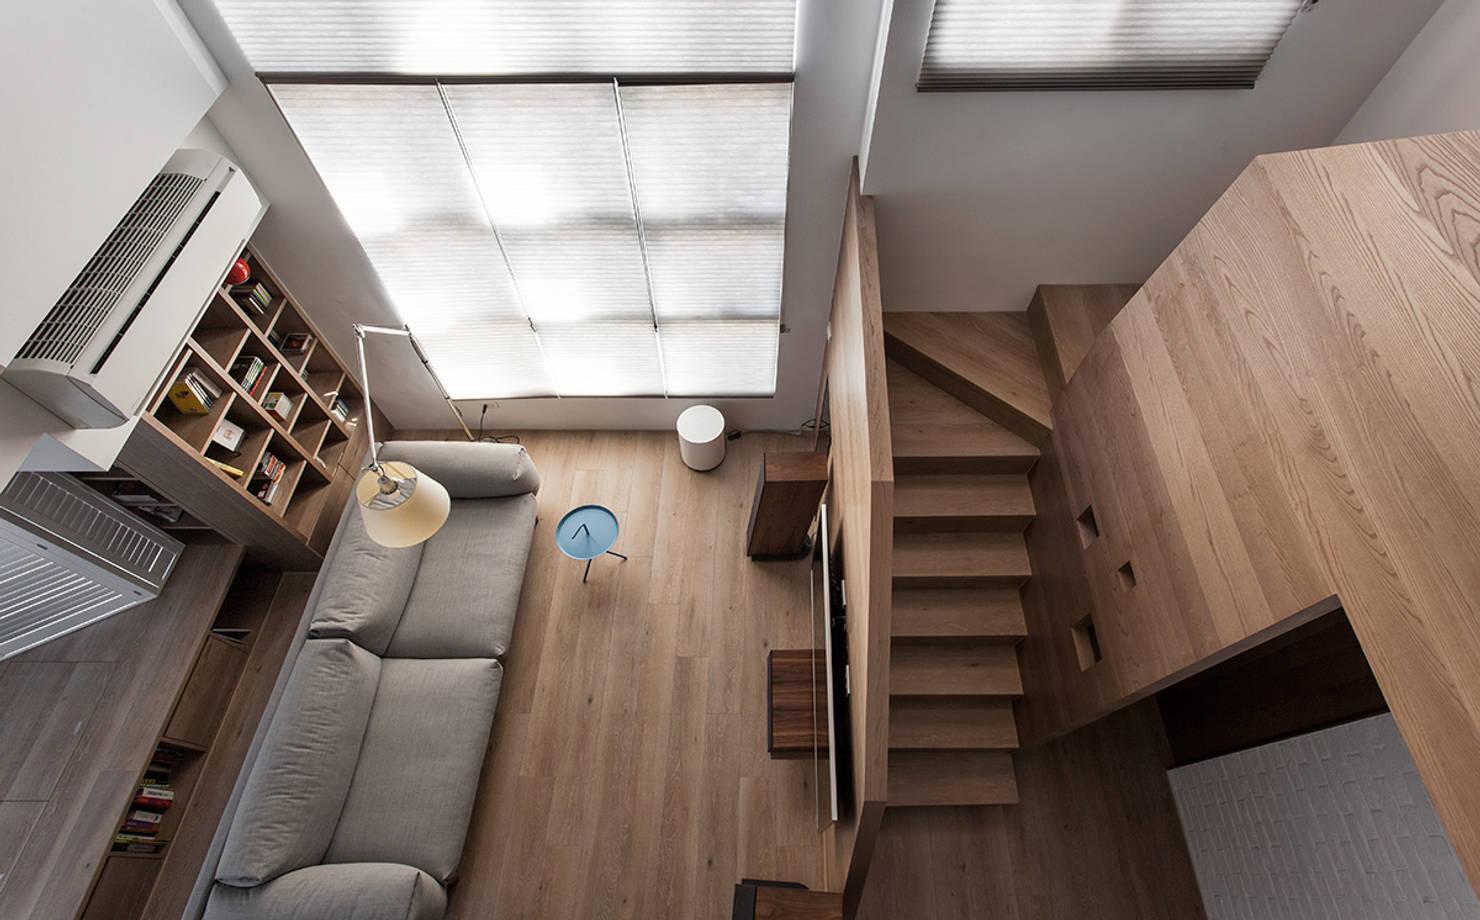 작은 공간의 한계에 도전하다, 작지만 넓어 보이는 작은 집 11선